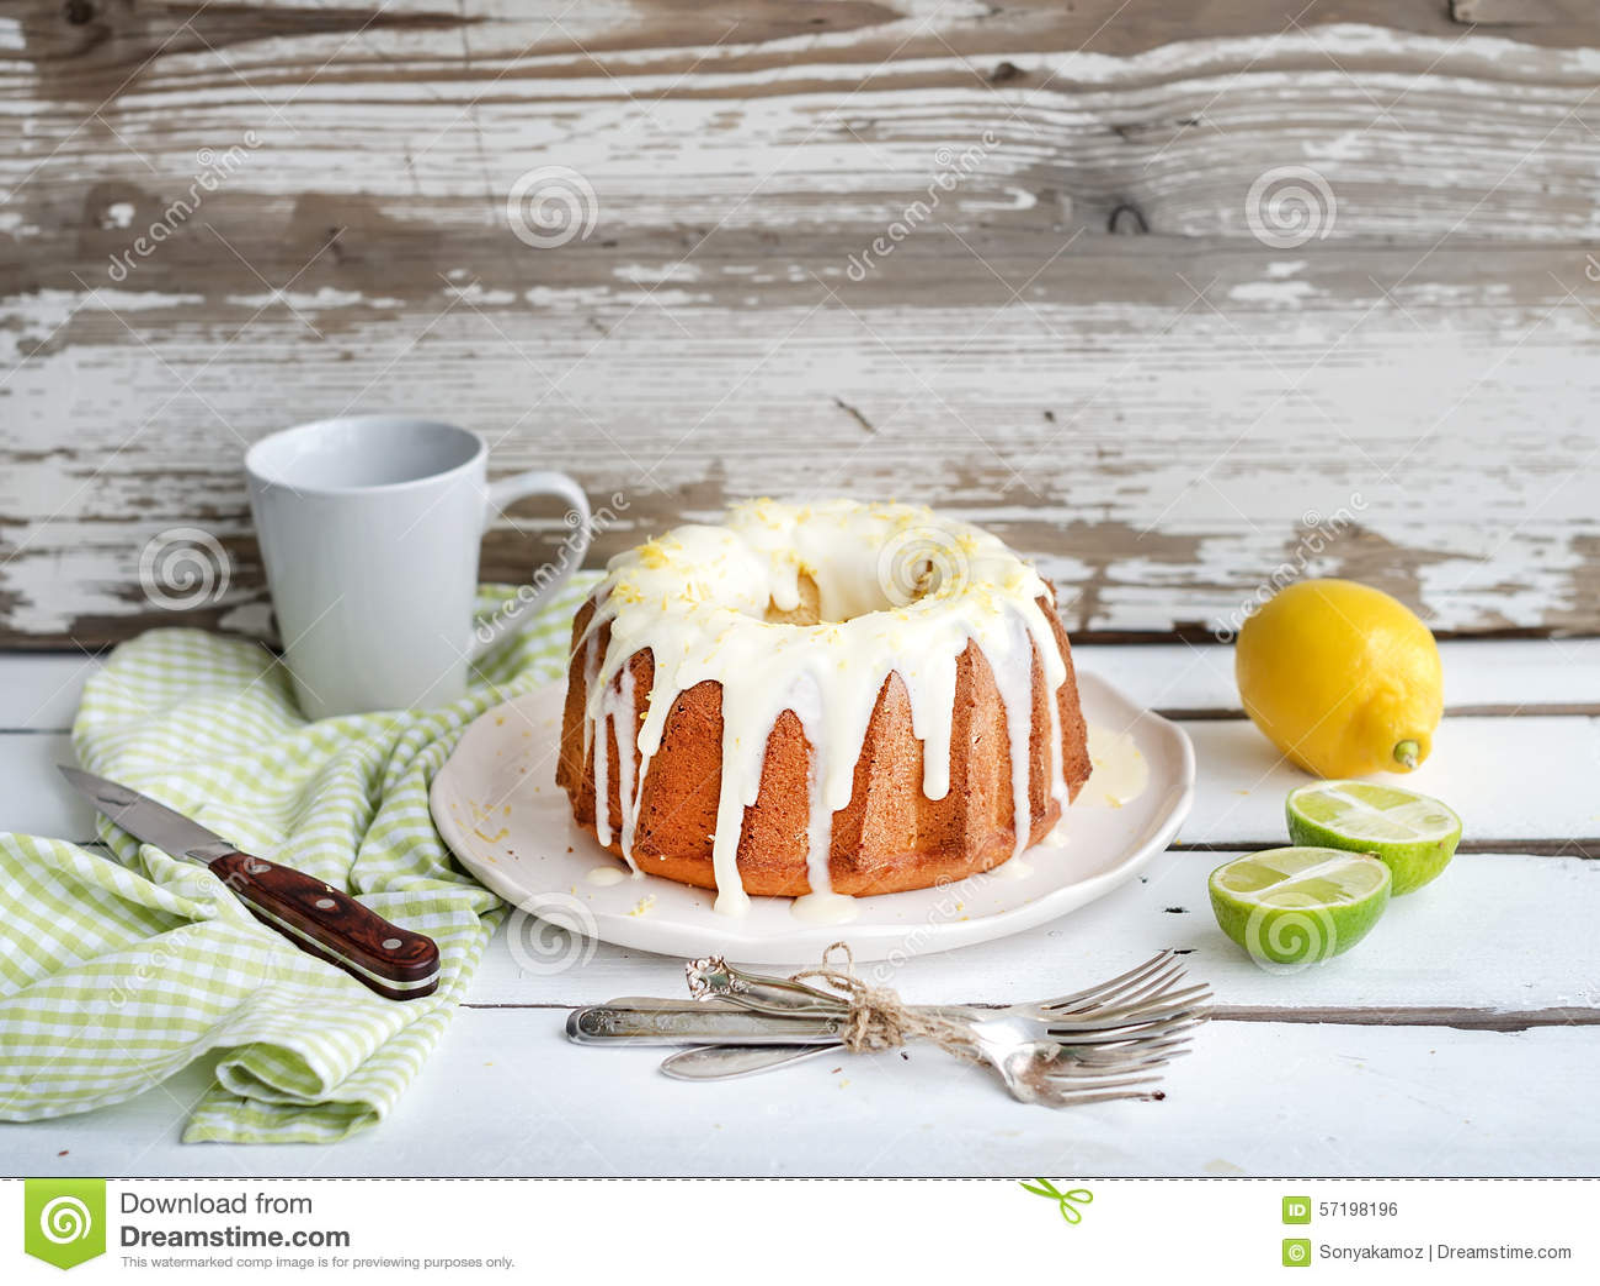 Fuktig limefrukt- och citronbundtyoghurt bakar ihop, vit